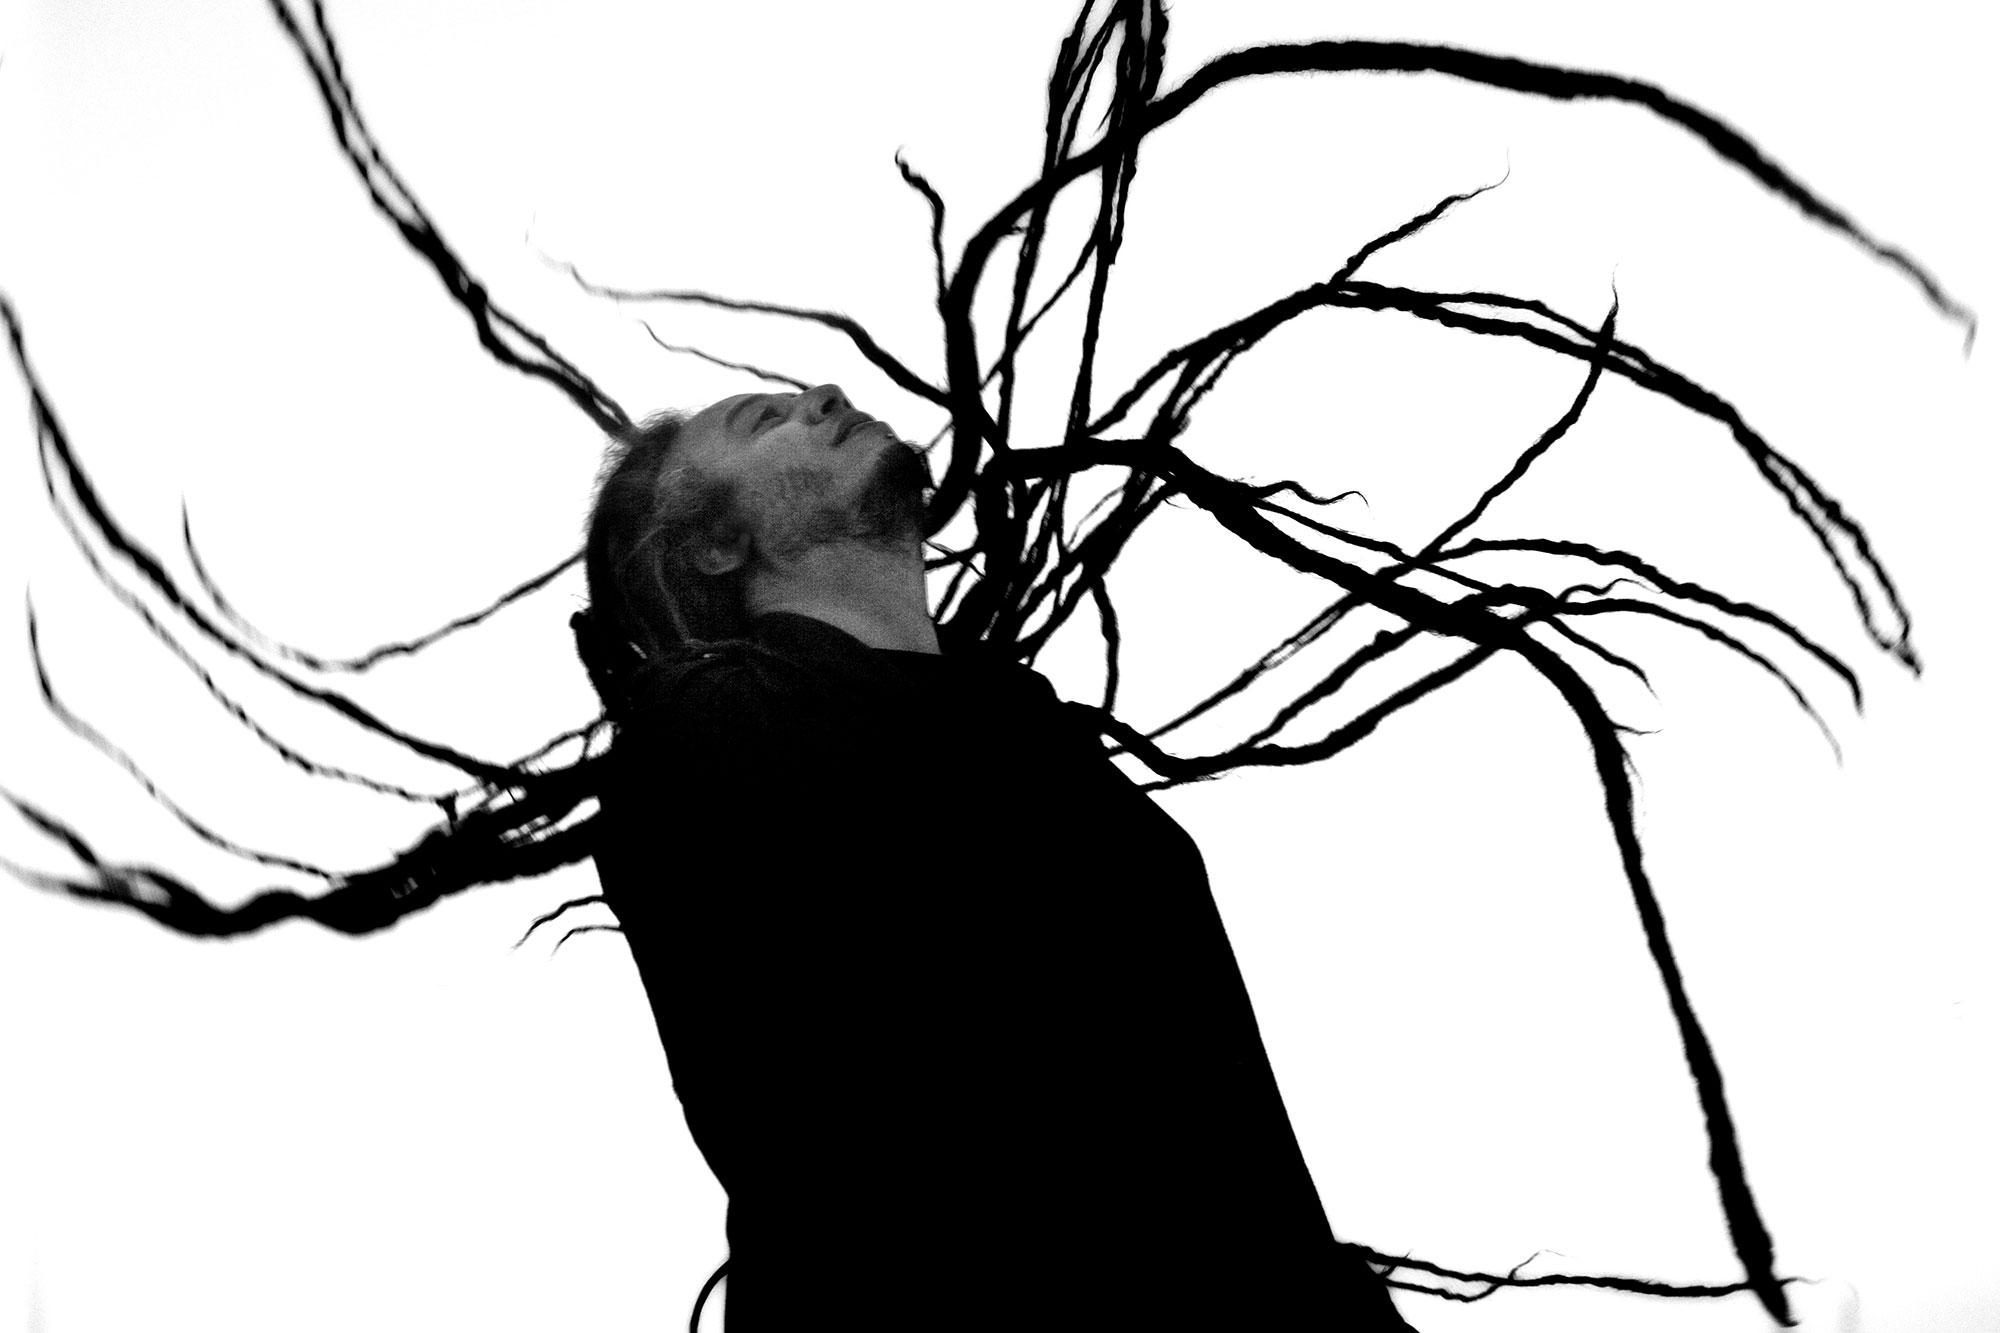 Michael Lesar - Photo by Coert Wiechers